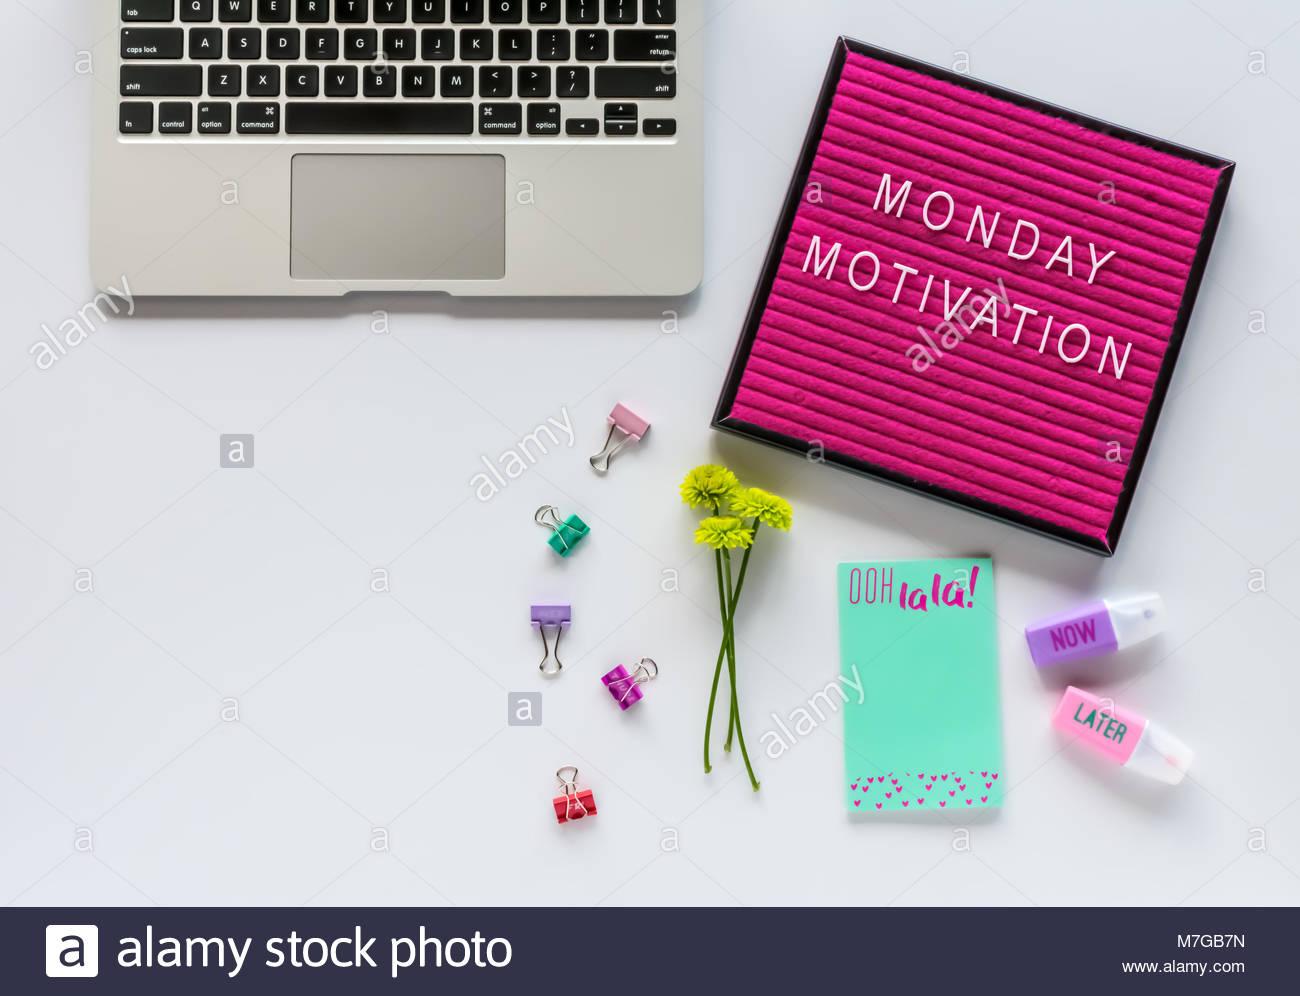 Laptop Tastatur Schreiben Board Mit Motivation Zitat Buro Zubehor